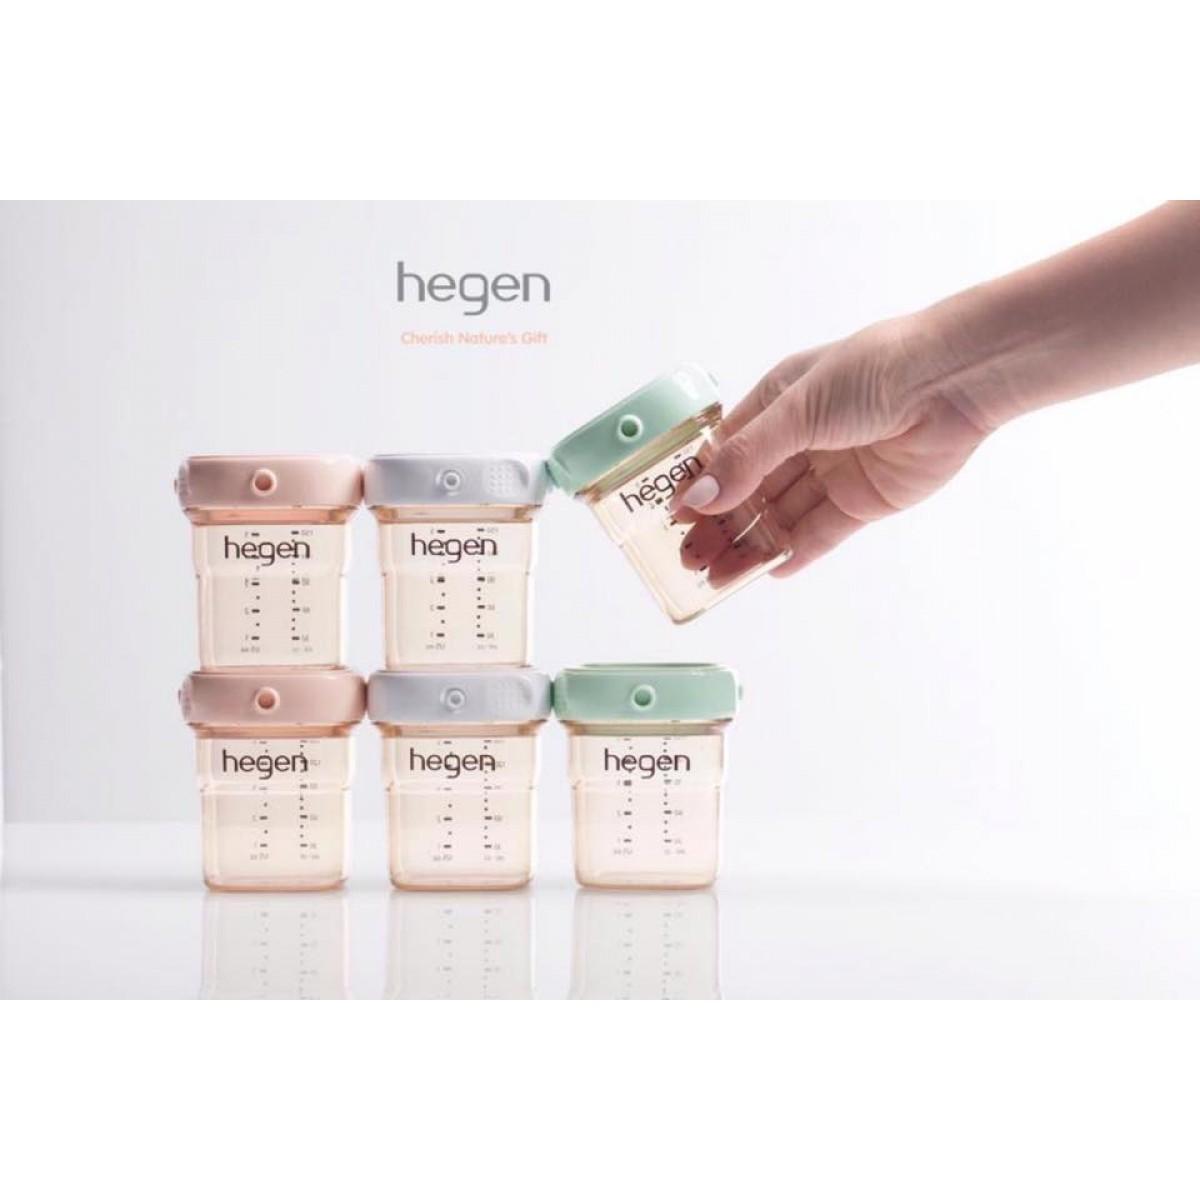 Hegen PCTO Breast Milk Storage PPSU (2-pack) 240ml/8oz